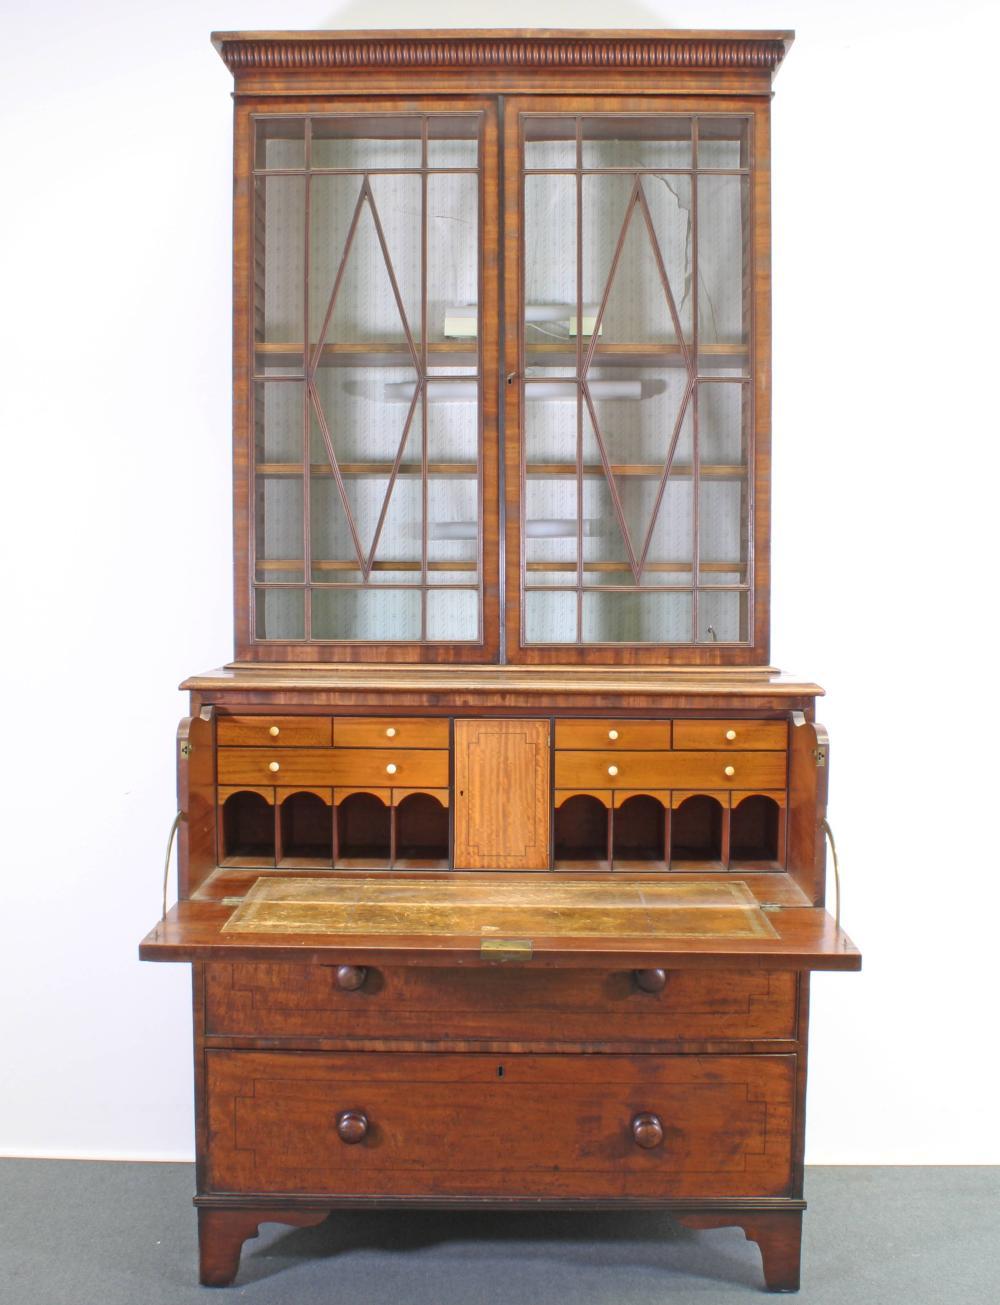 """Aufsatz-Schreibkommode / """"Secretaire Bookcase"""", England, frühes 19. Jh., Mahagoni, Unterteil mit drei Schüben, hiervon der oberste blind und als Schreibfach ausklappbar, innen Ledereinlage auf Schreibfläche, sechs kleine Schübe, acht offene Fächer u"""